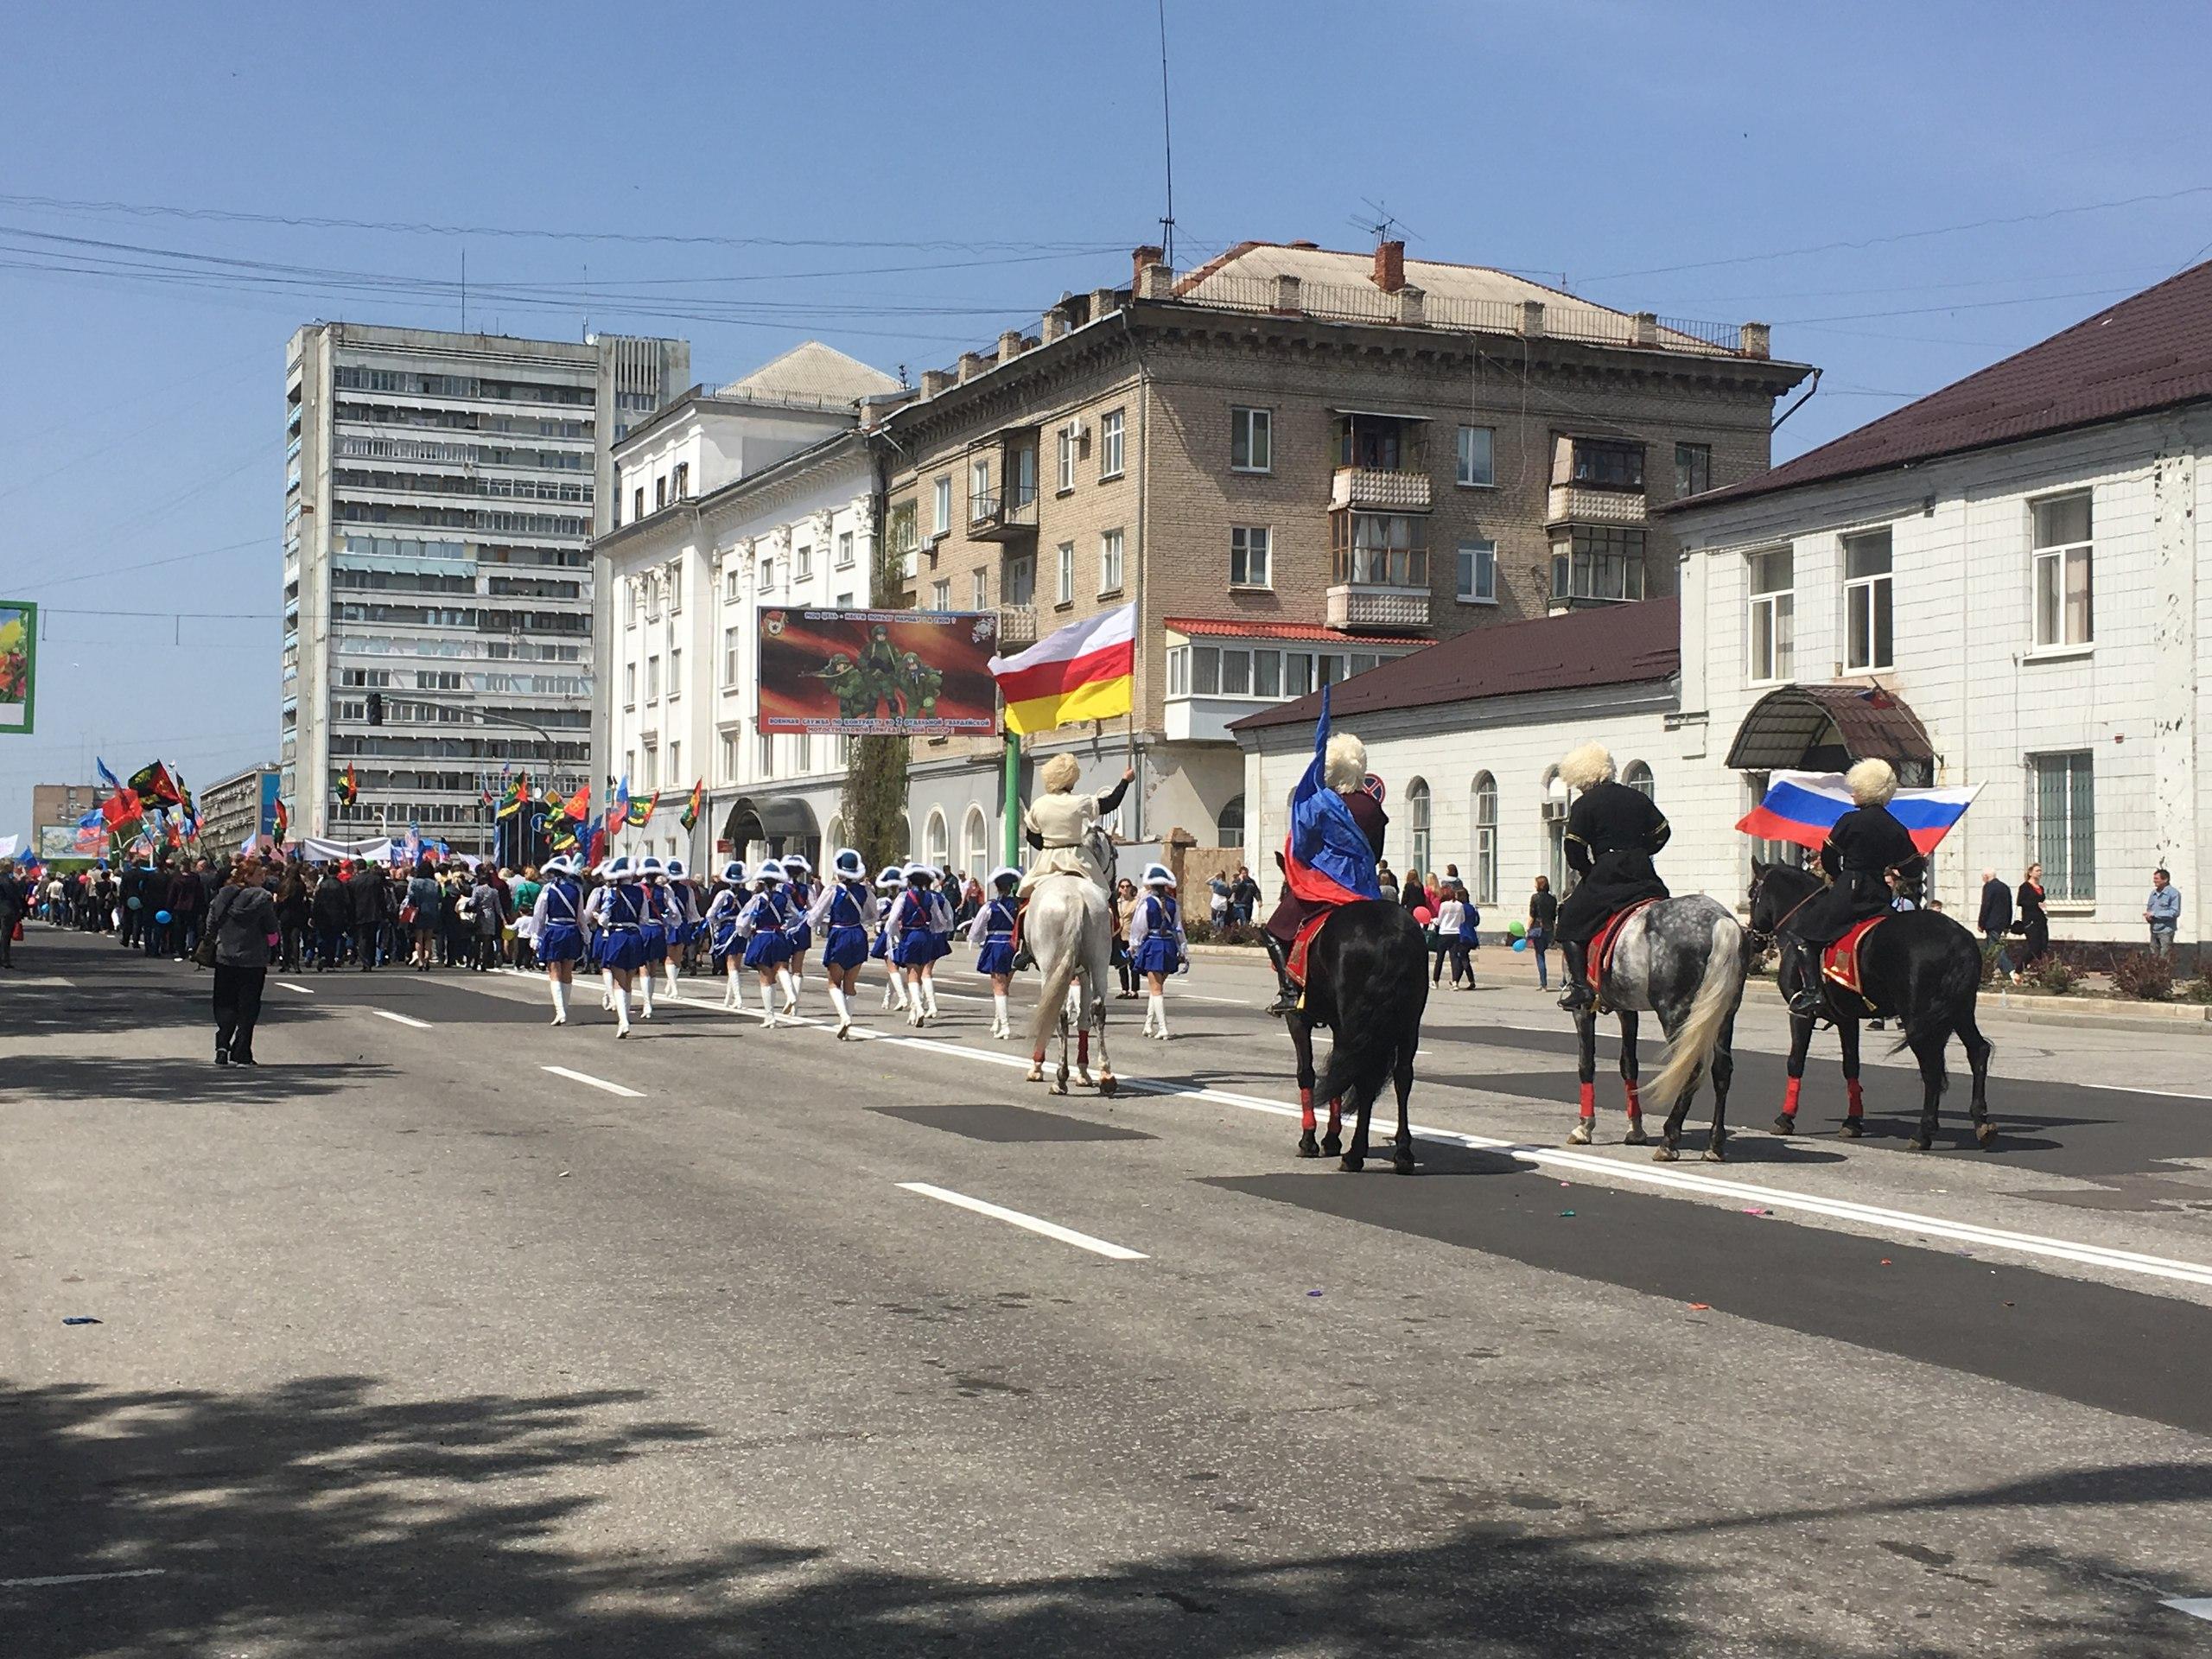 Первомайское шествие в Луганске, май 2017. Фото из социальных сетей